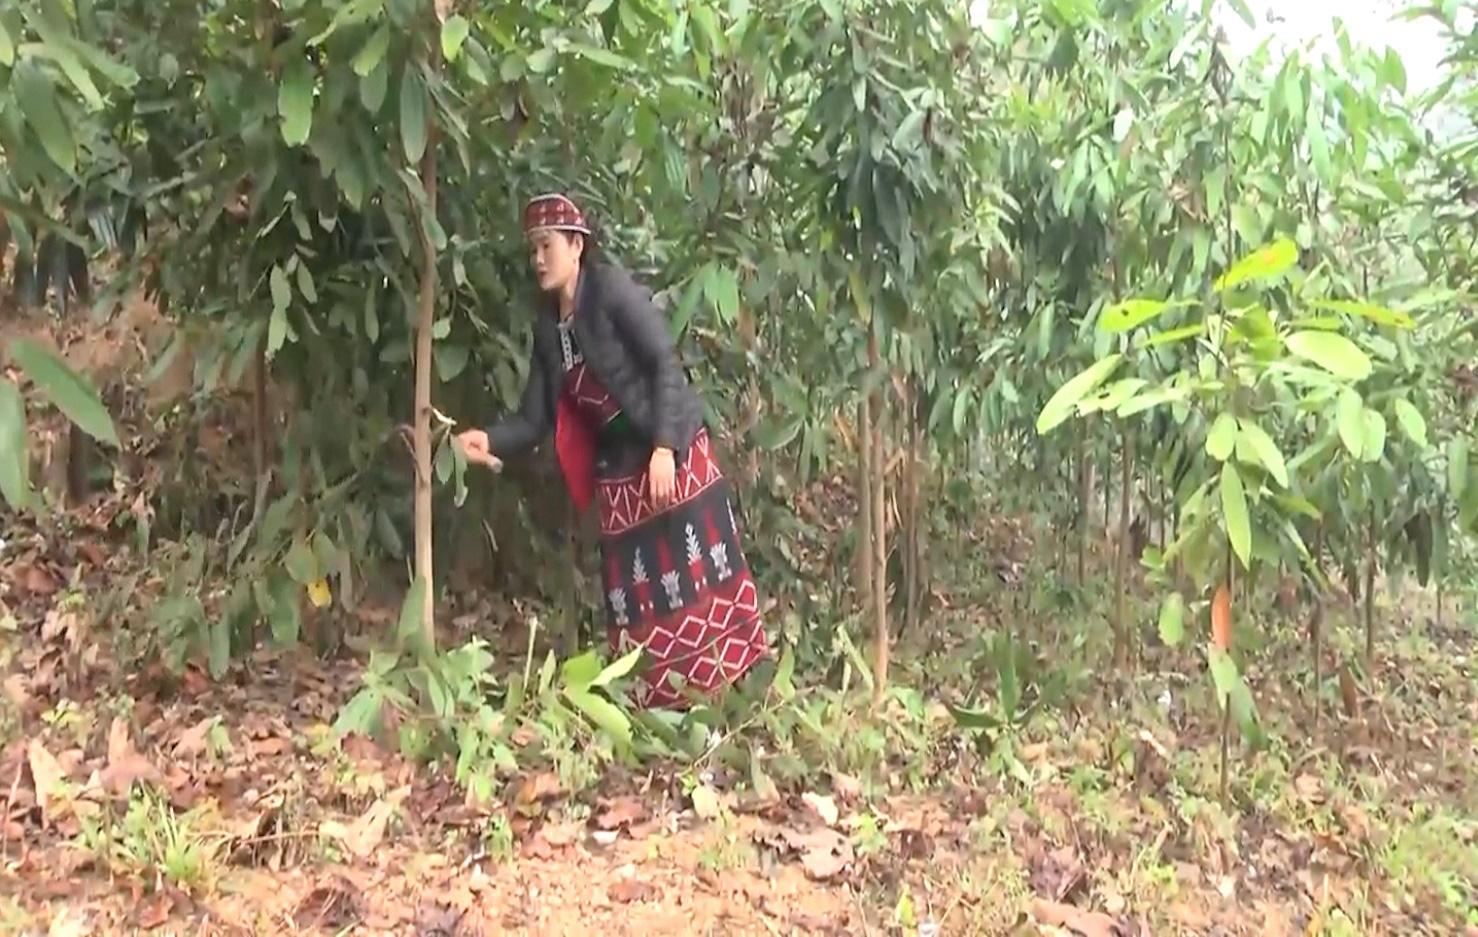 Yên Bái: Tấm gương người phụ nữ Phù Lá làm kinh tế giỏi, vươn lên thoát nghèo - Ảnh 2.